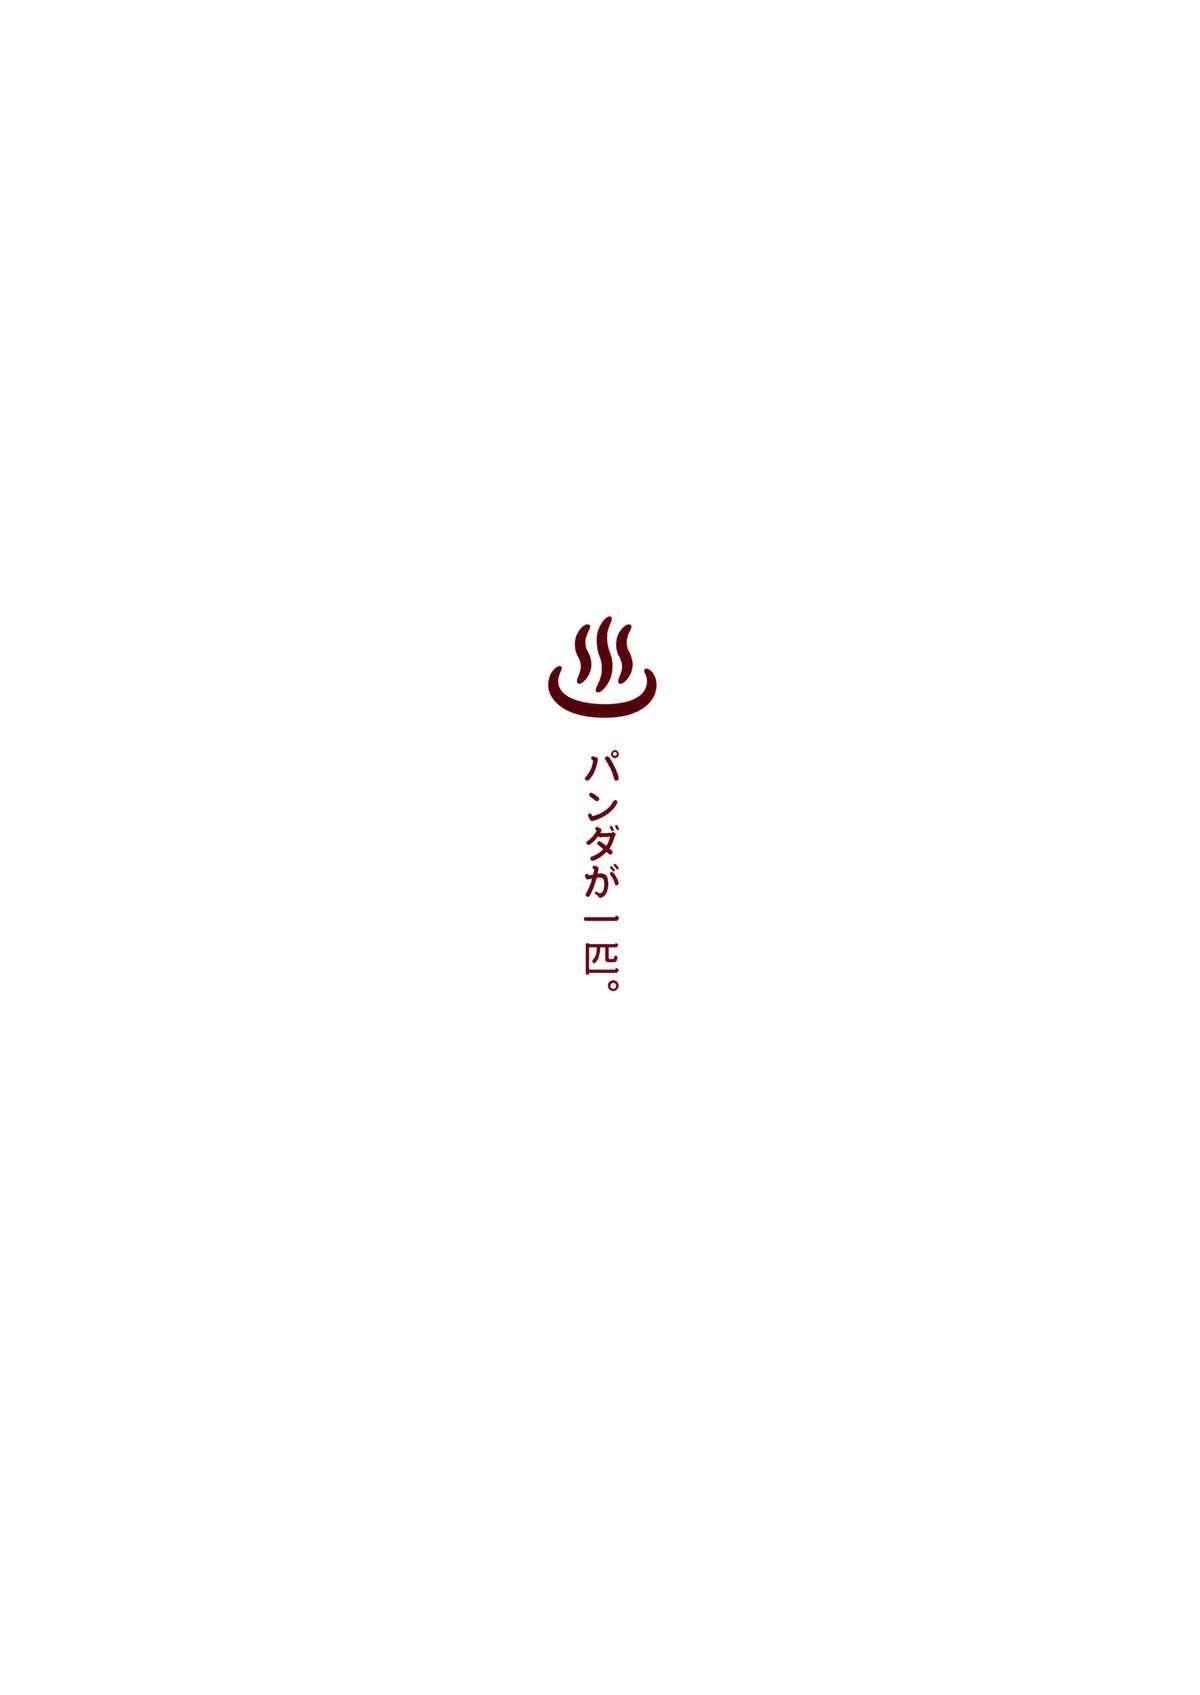 Kitakami no Yu 18